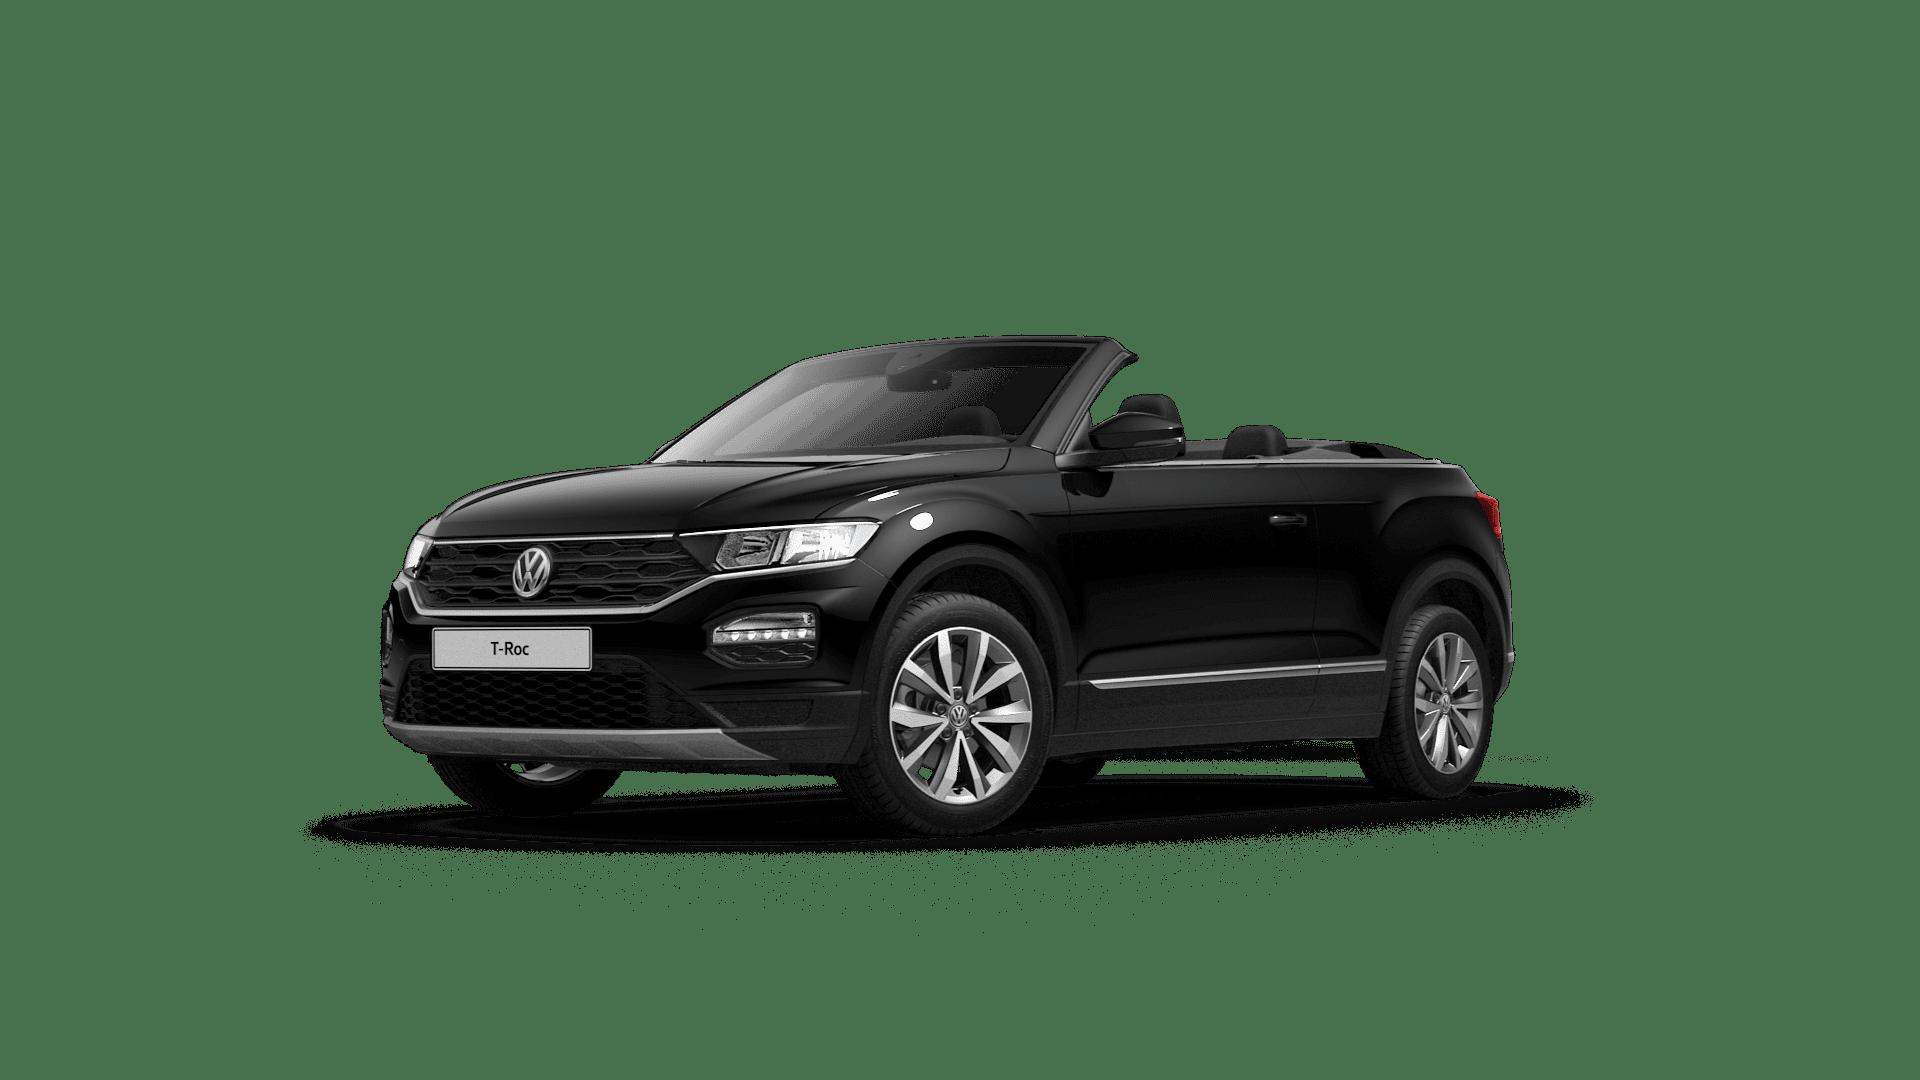 VW VW T-Roc Cabriolet R-Line 1.5 TSI DSG, 150 PS, Benziner, Automatik